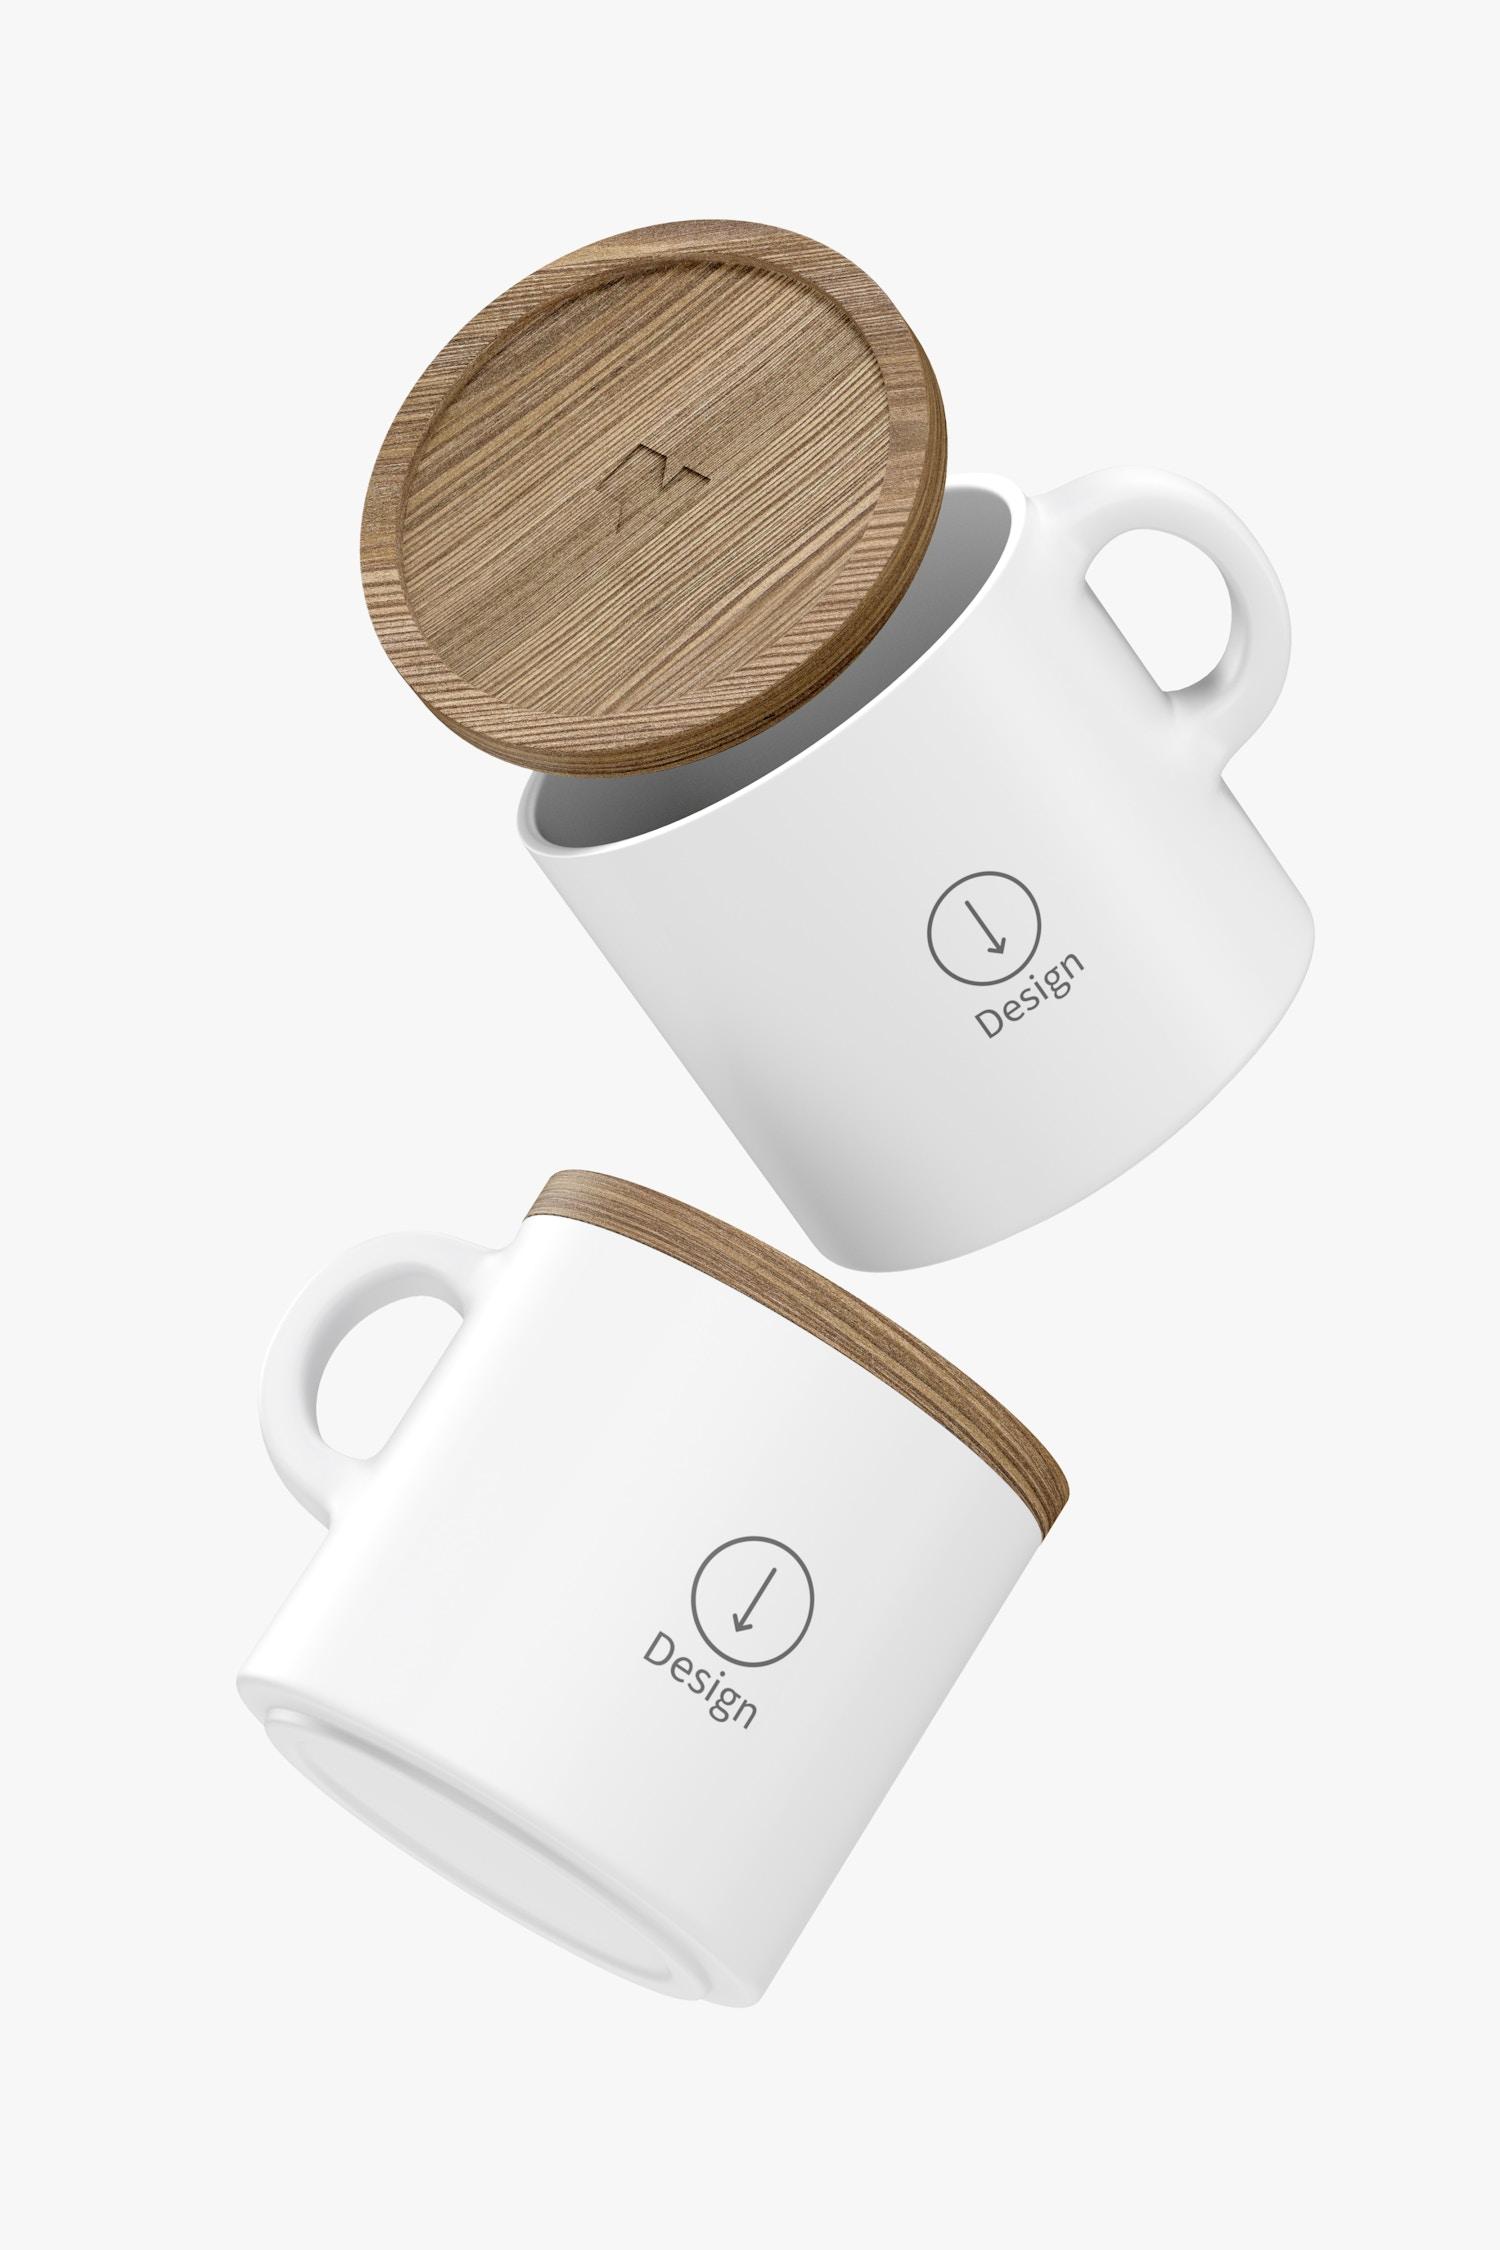 10 oz Ceramic Mugs with Bamboo Lid Mockup, Floating